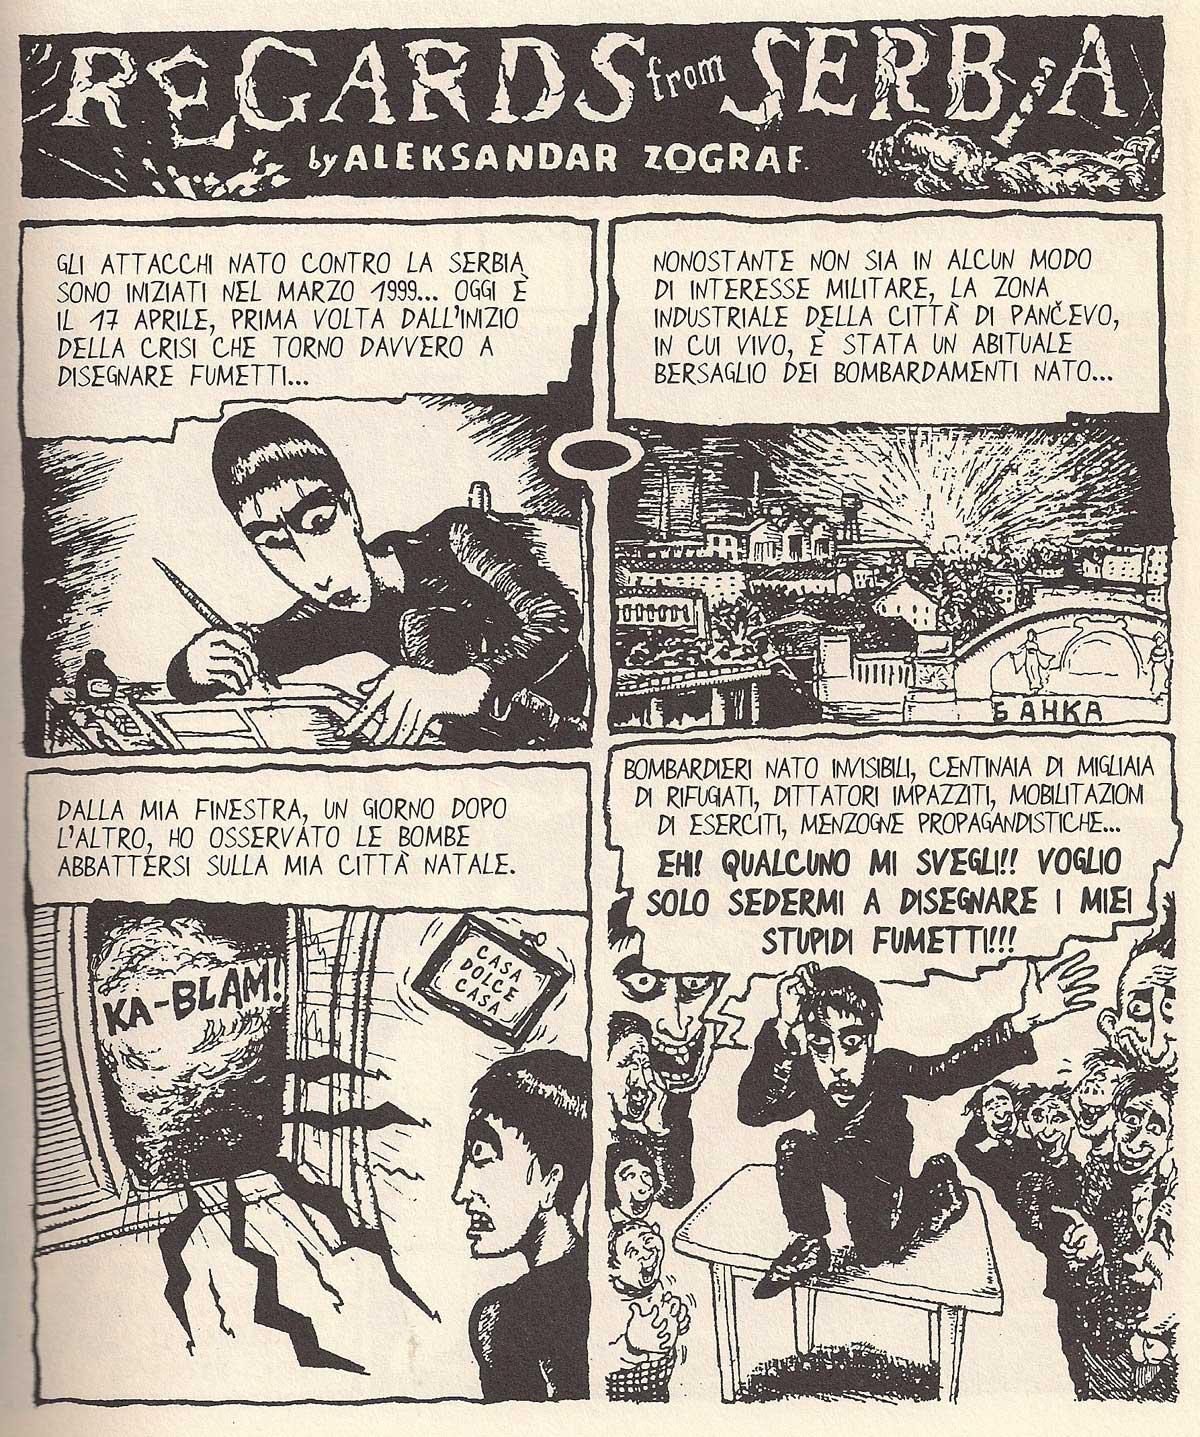 300-saluti-dalla-serbia-_Essential 300 comics